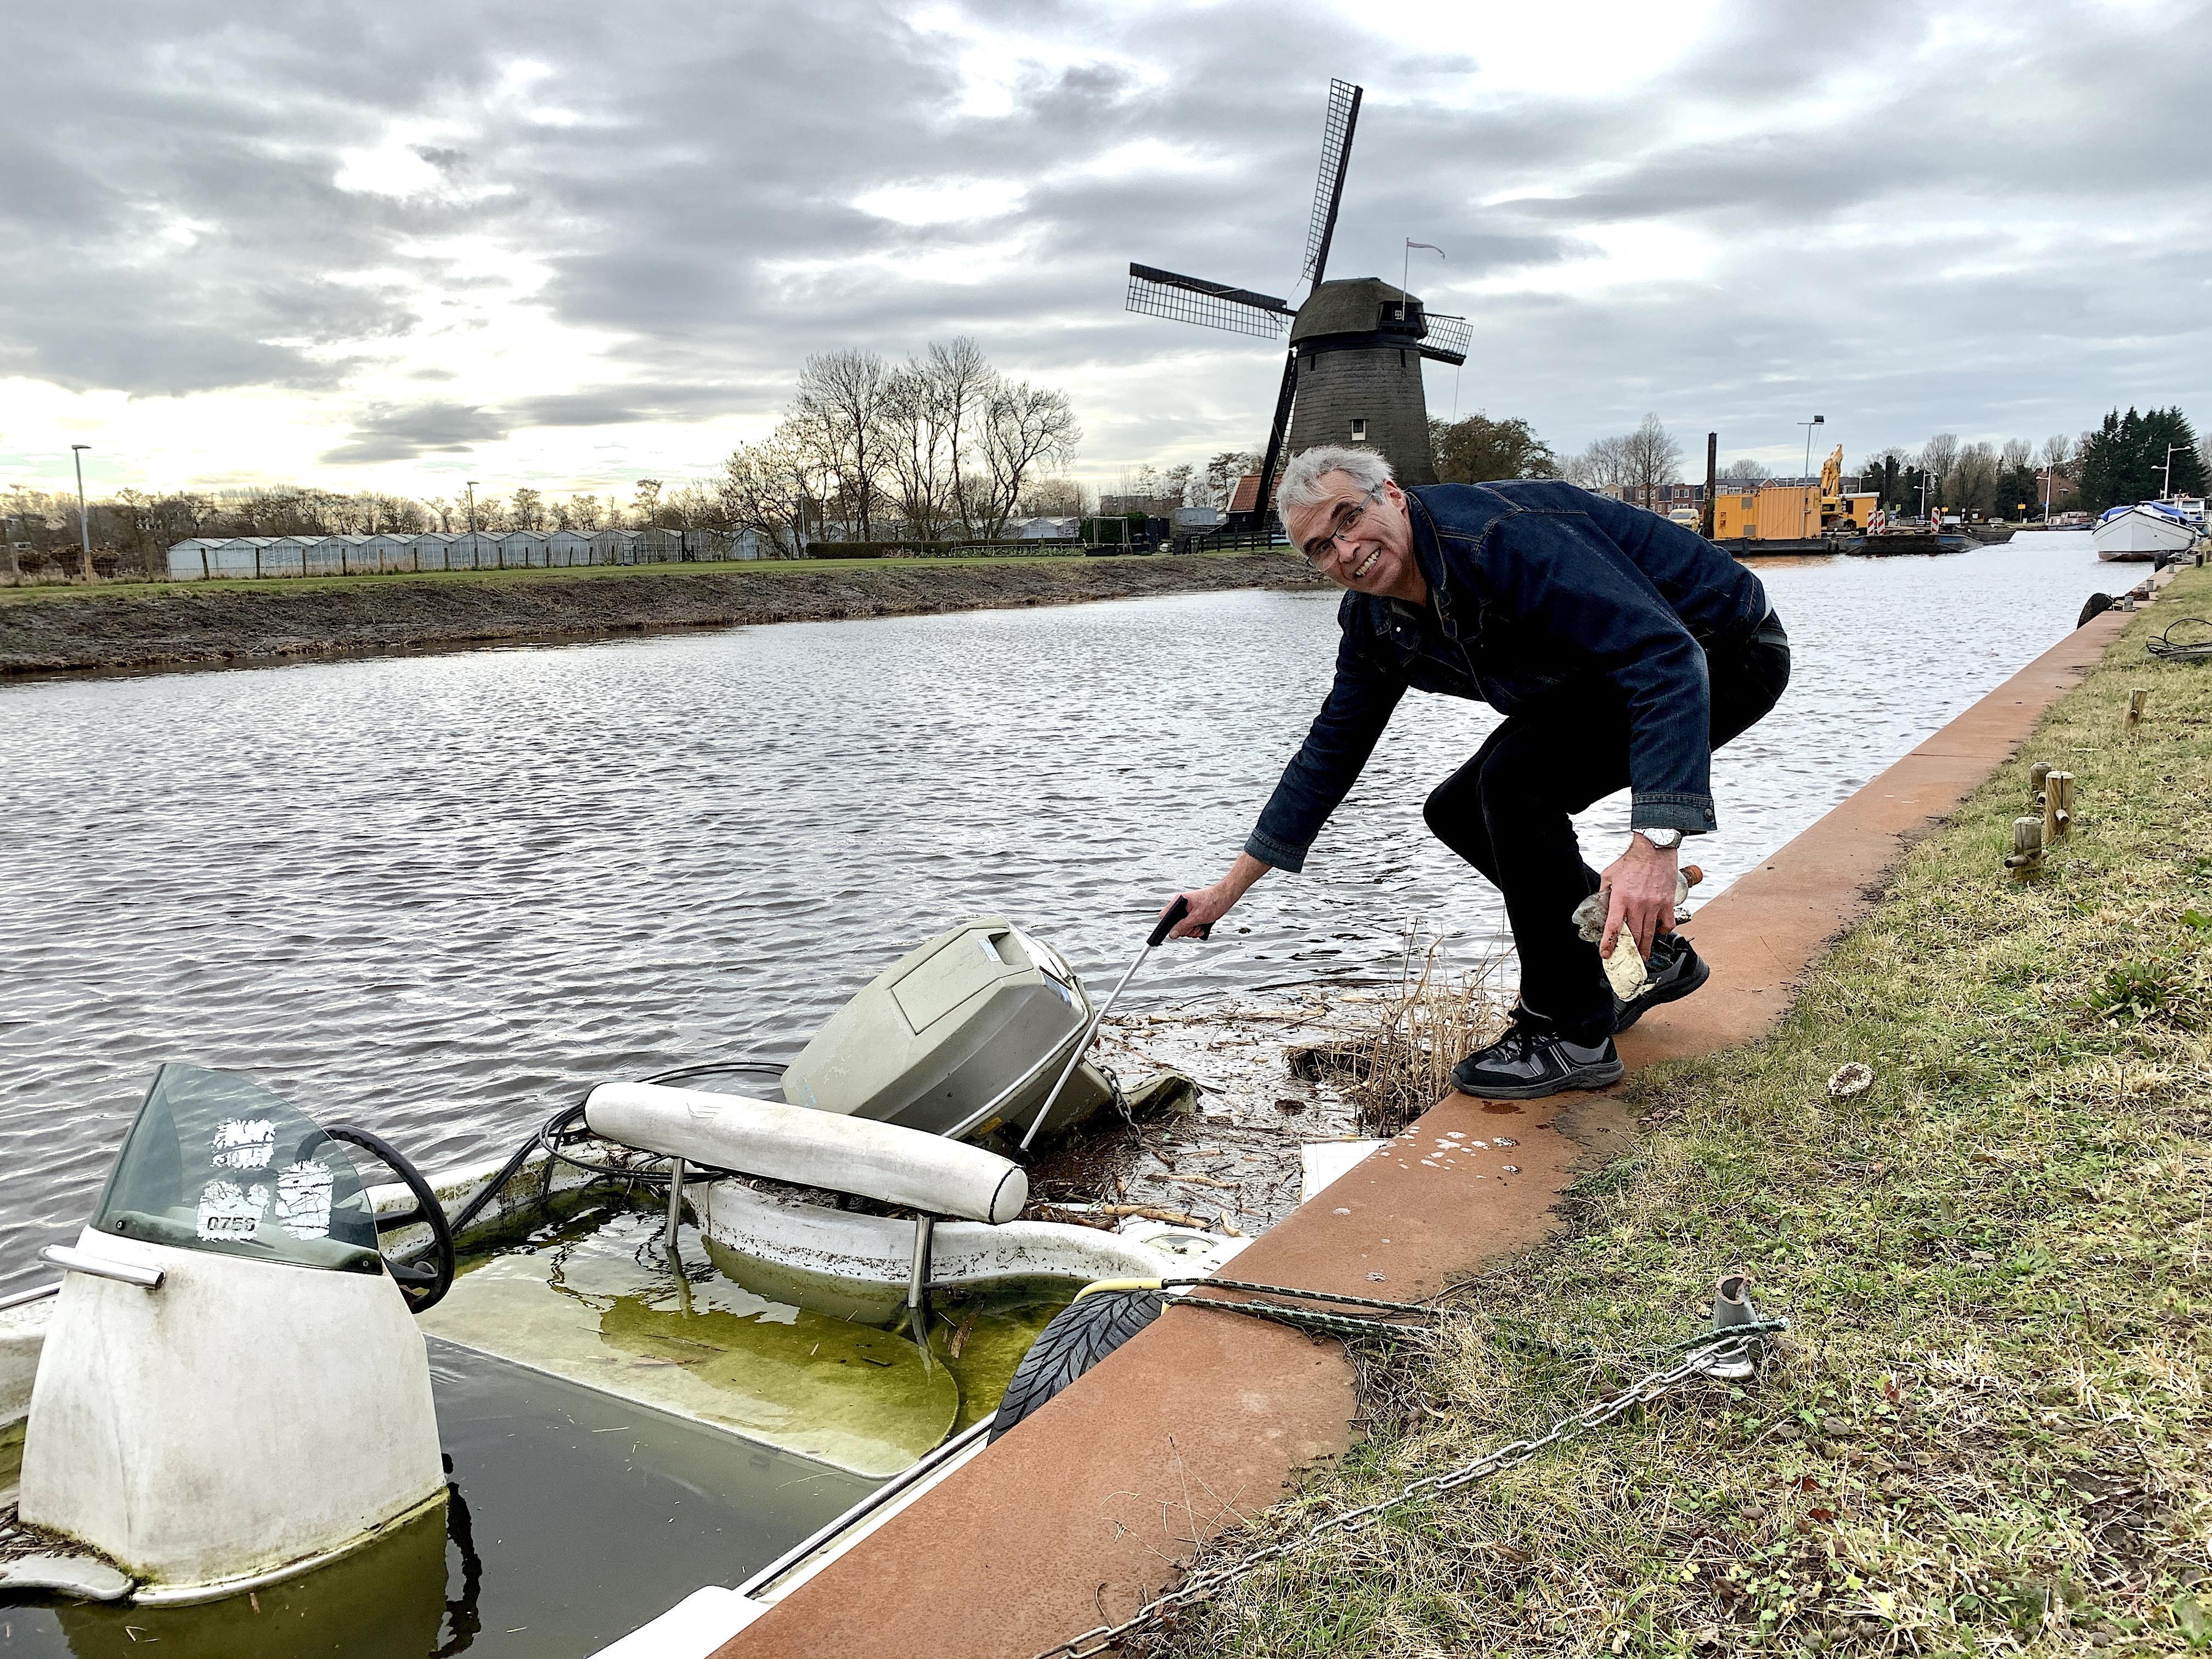 'Ergernis moet je ombuigen in actie' zegt Pieter uit Alkmaar. Hij is een stille, trotse, 'raper', iemand die vrijwillig dagelijks zwerfvuil opruimt